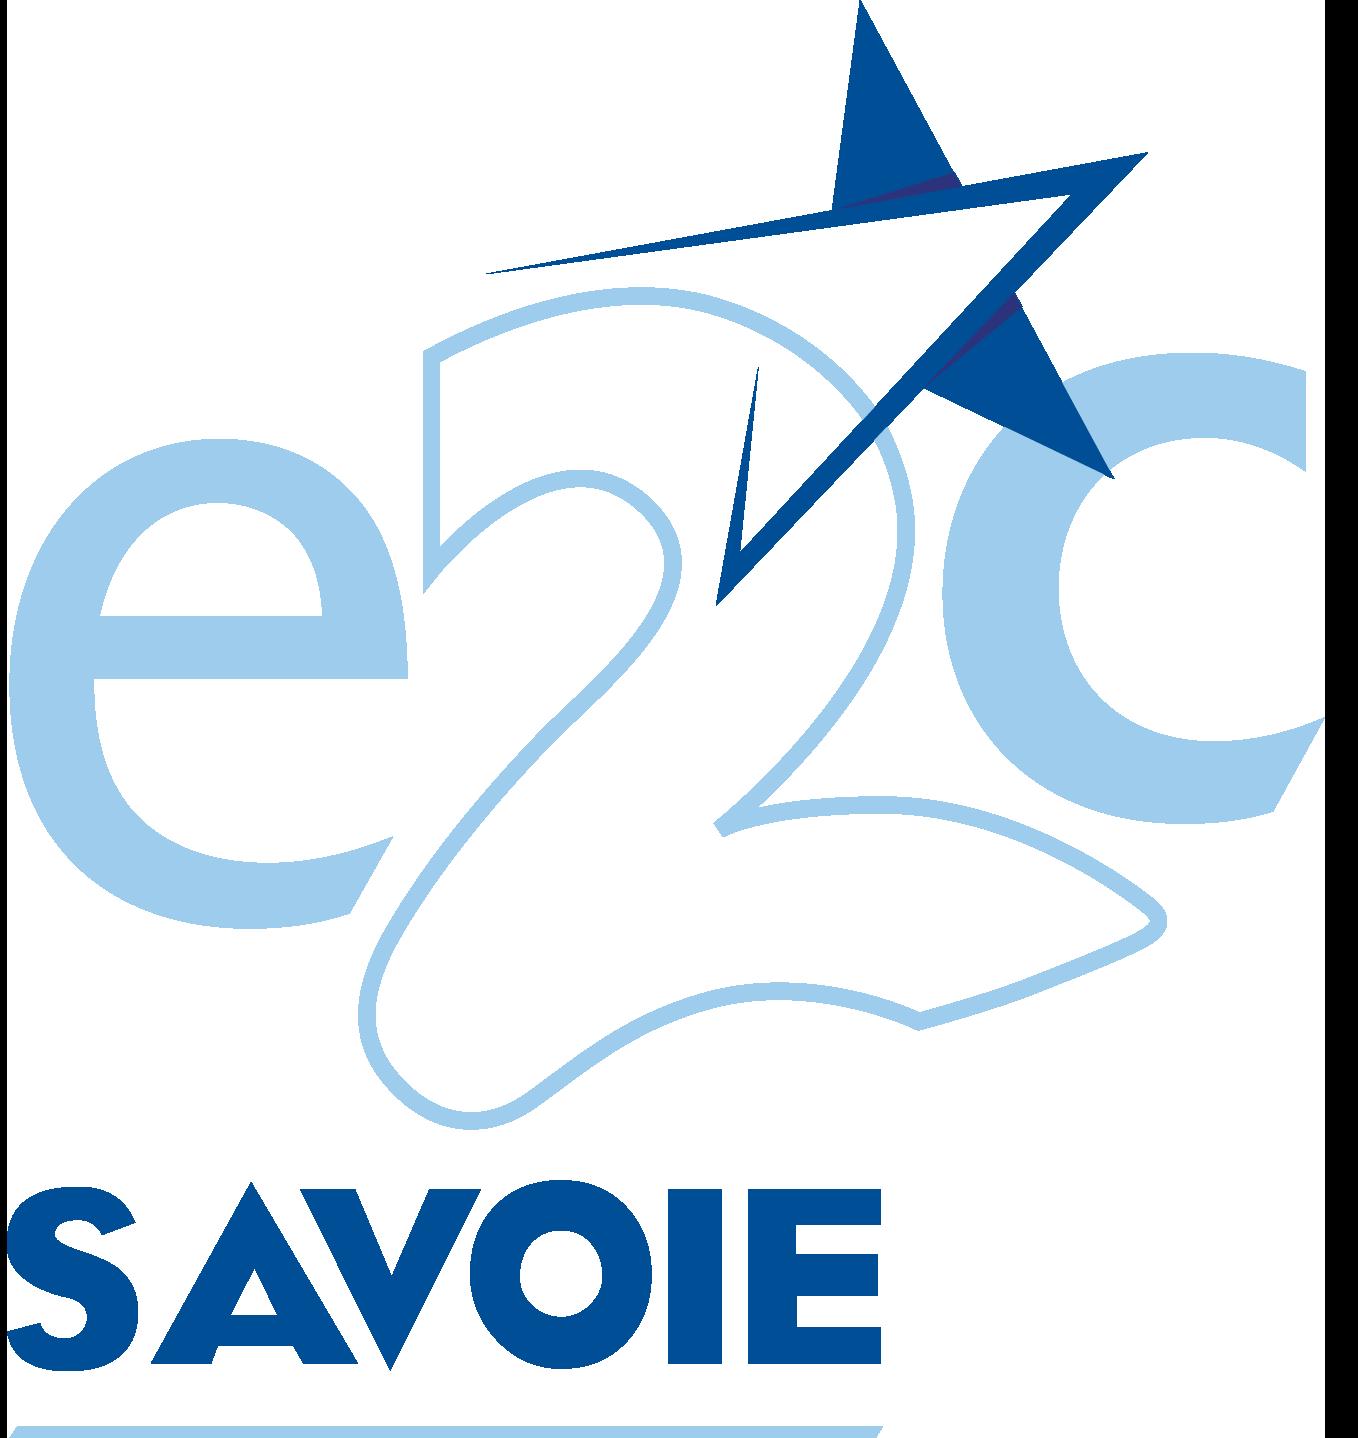 E2C Savoie – École de la deuxième chance